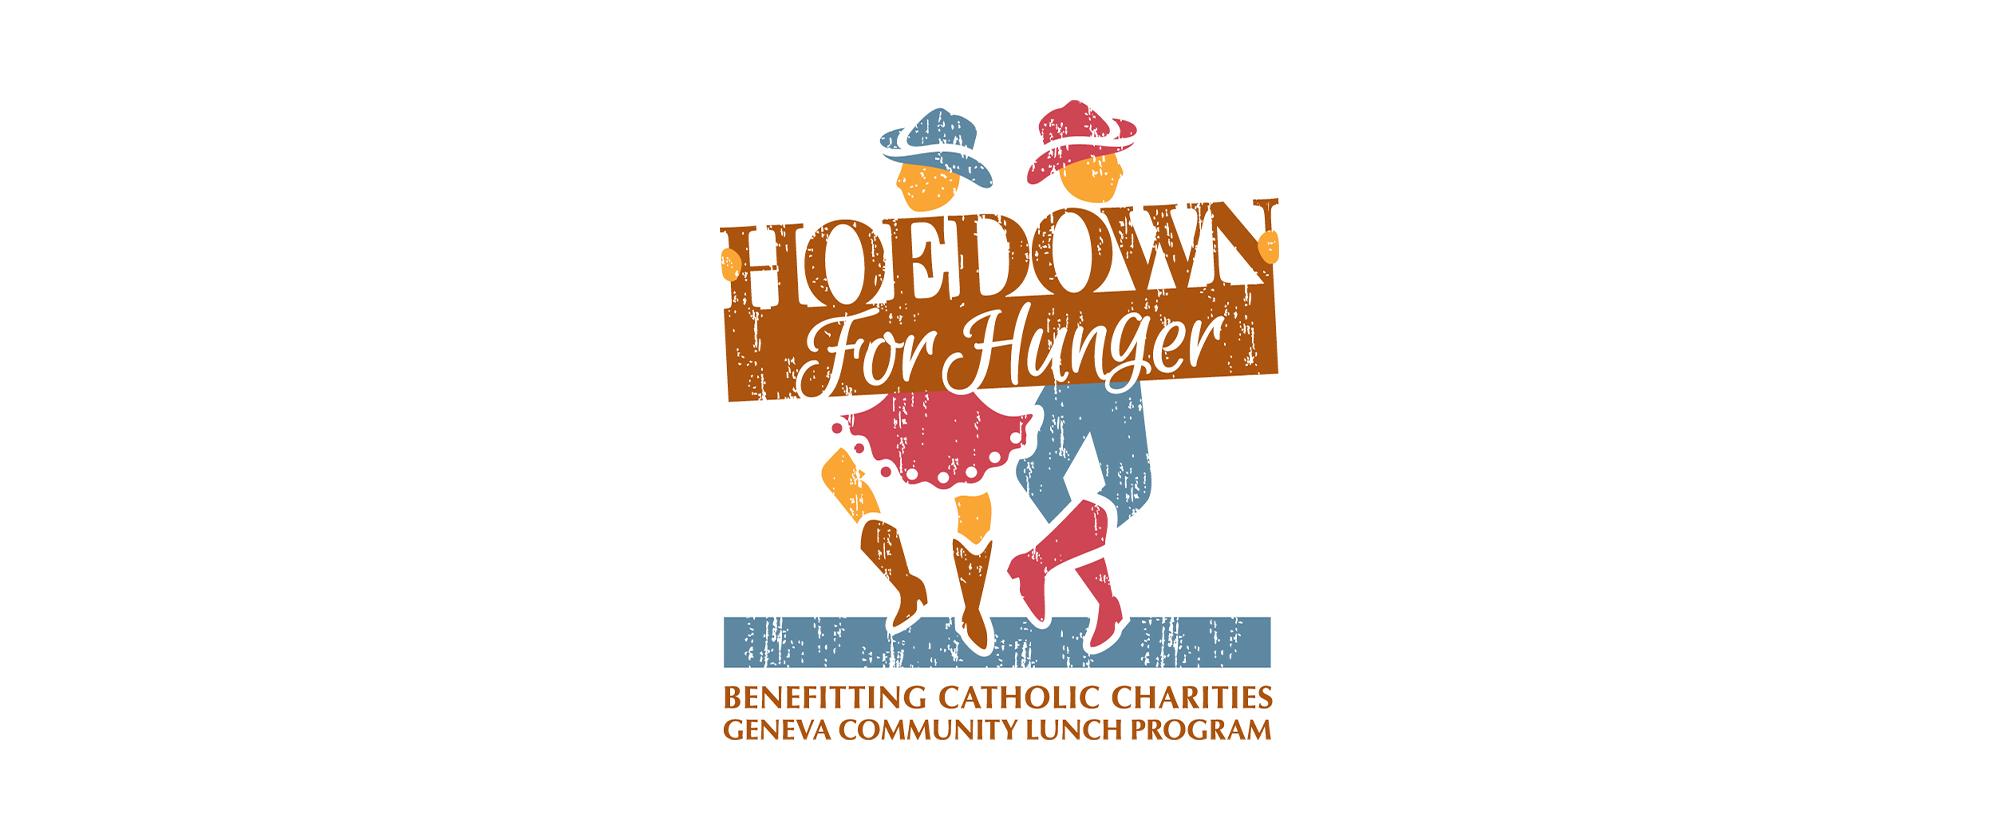 Hoedown for Hunger